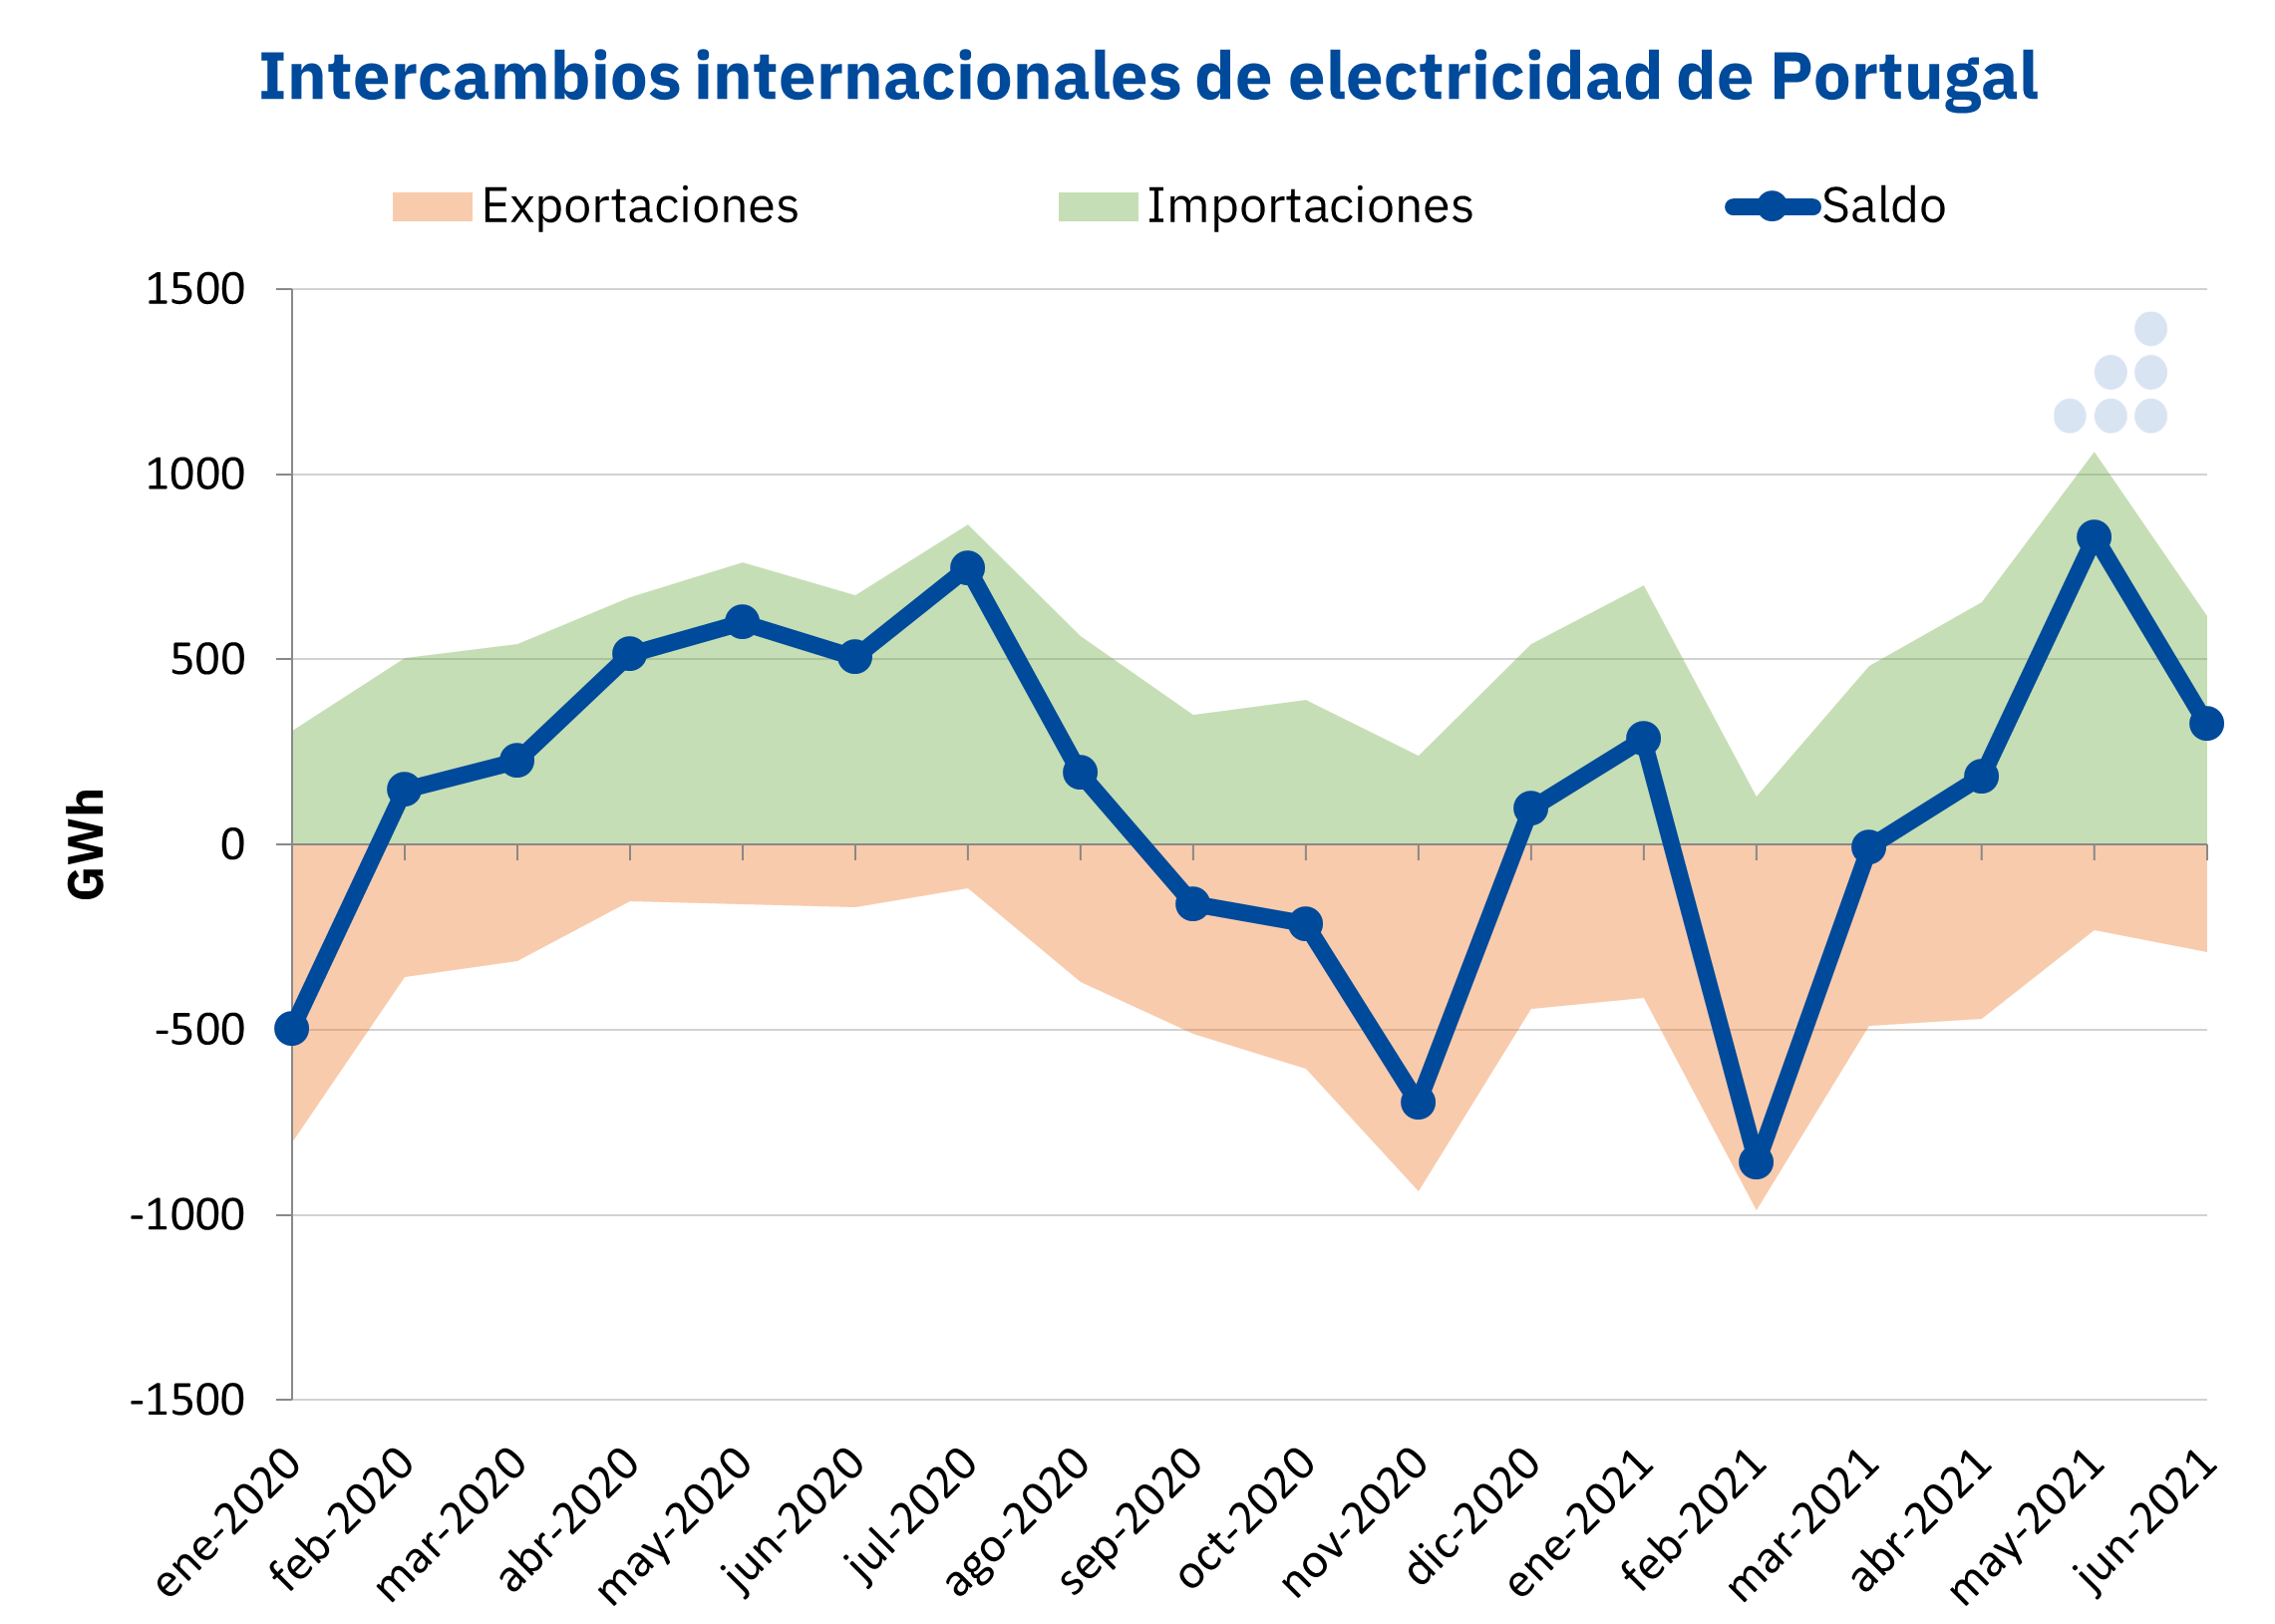 AleaSoft - Intercambios internacionales electricidad Portugal